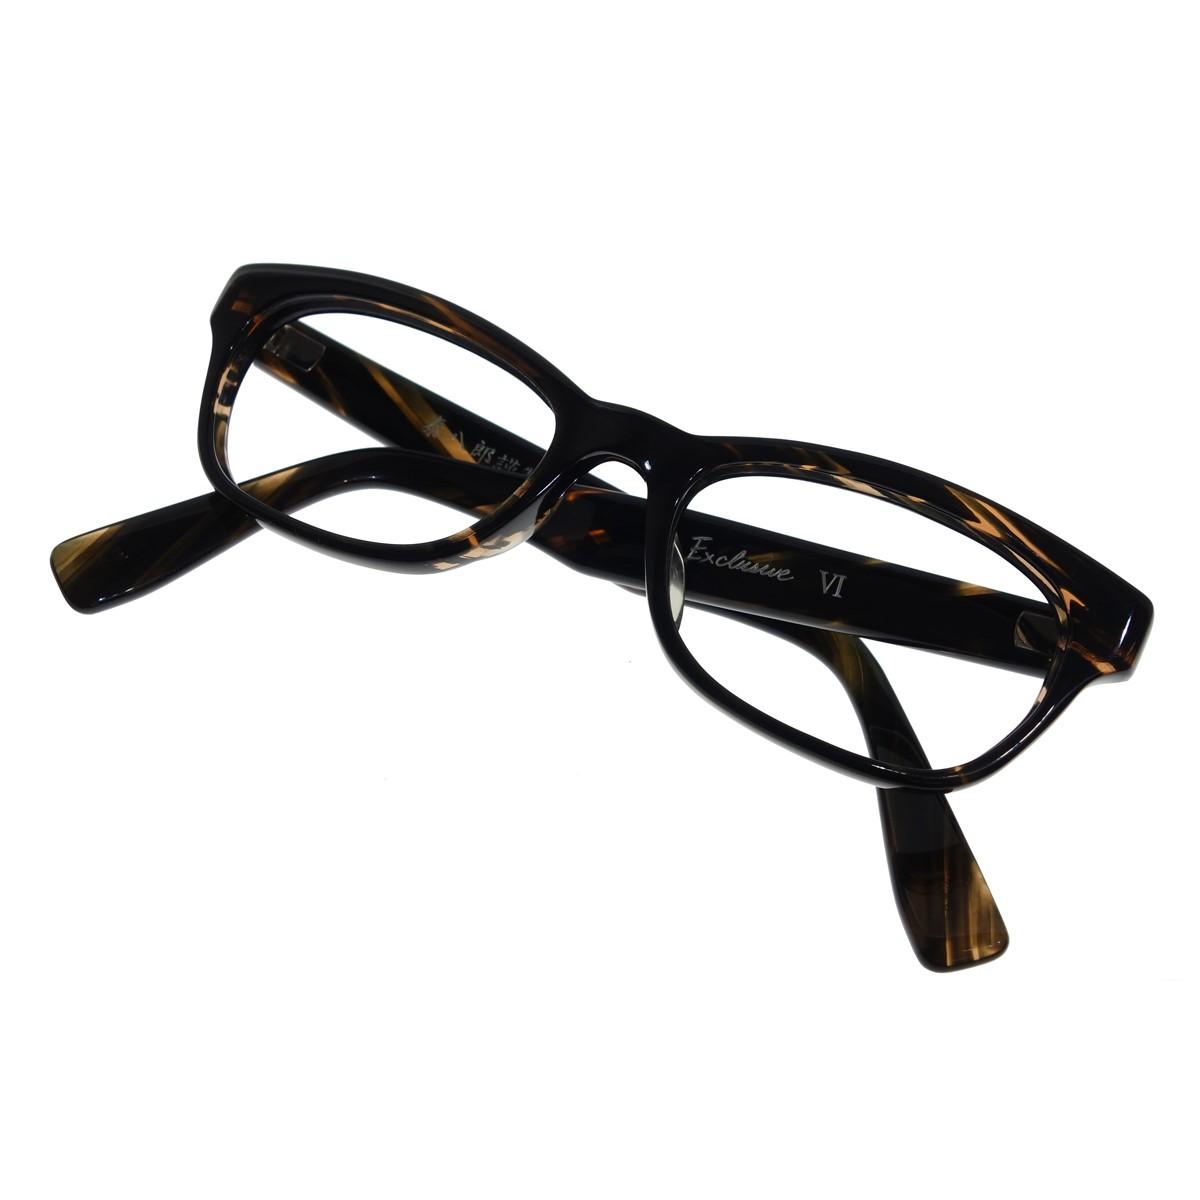 【中古】泰八郎謹製 Exclusive VI 眼鏡 ブラウン 【120220】(タイハチロウキンセイ)